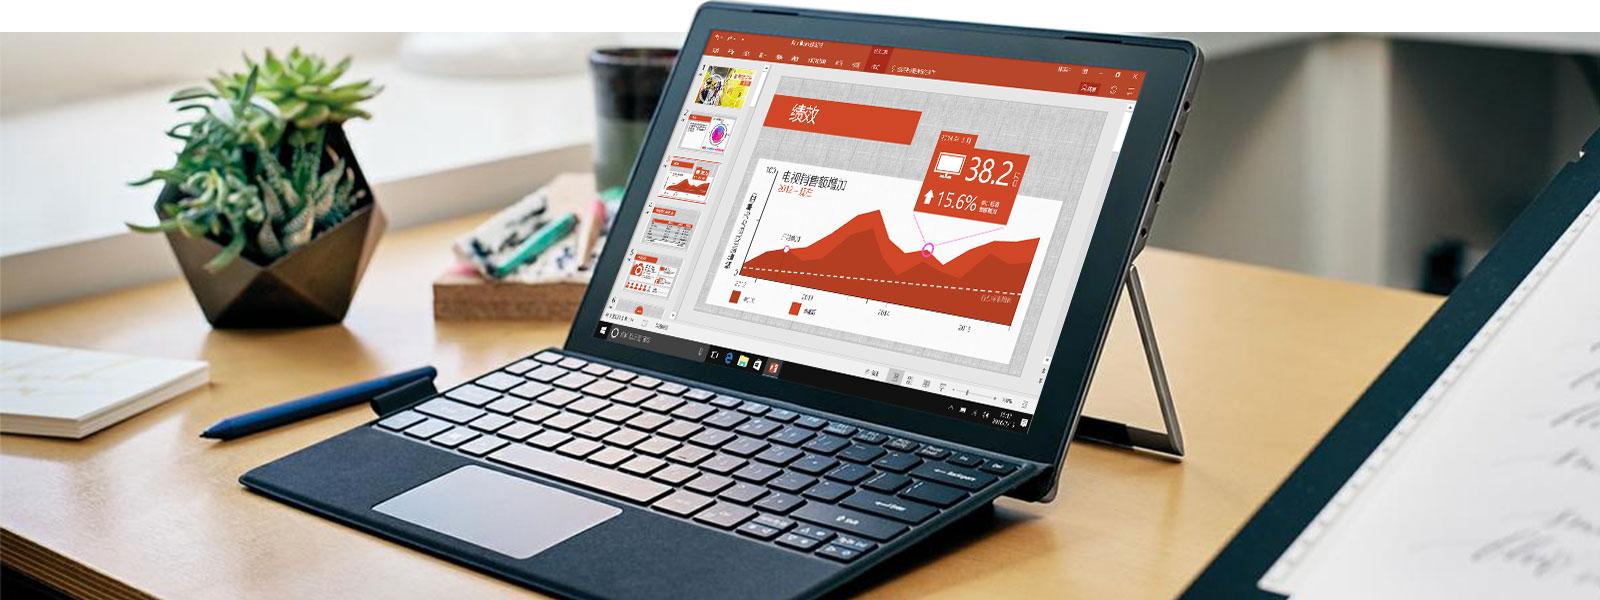 """呈现 Windows""""开始""""屏幕的 Windows 二合一设备"""